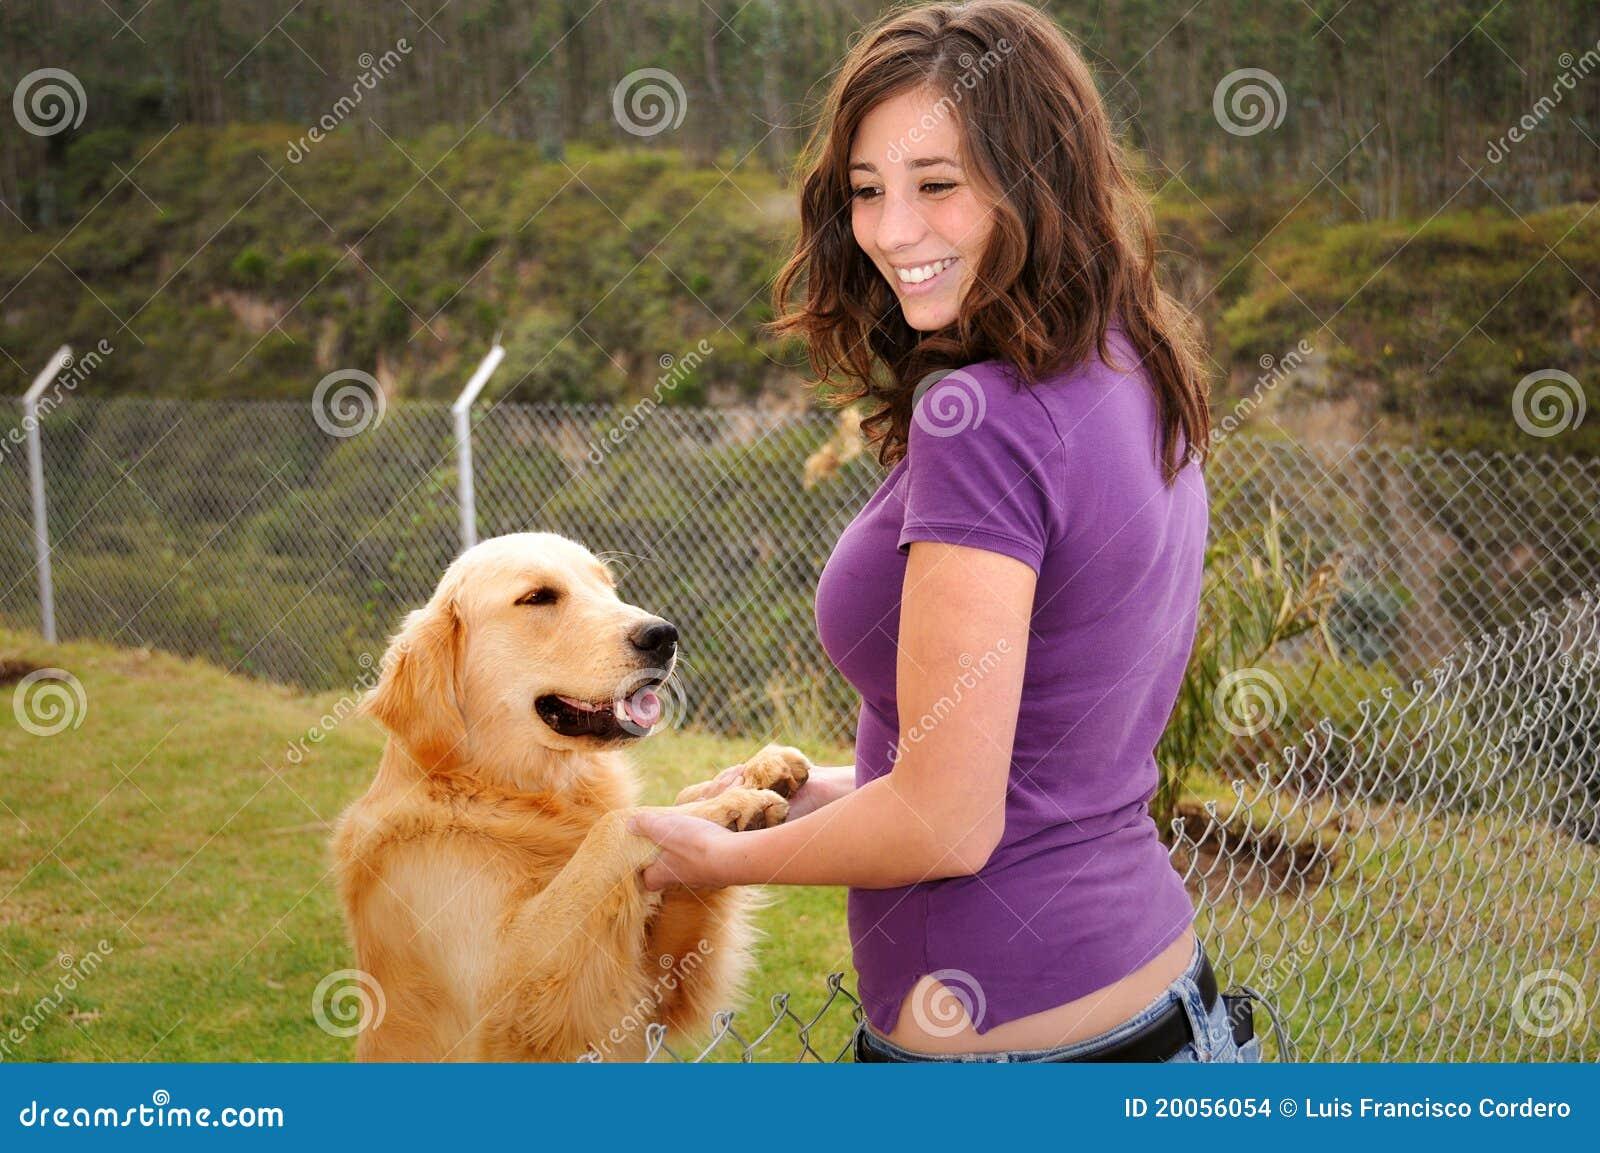 Frauen ficken mit hunden